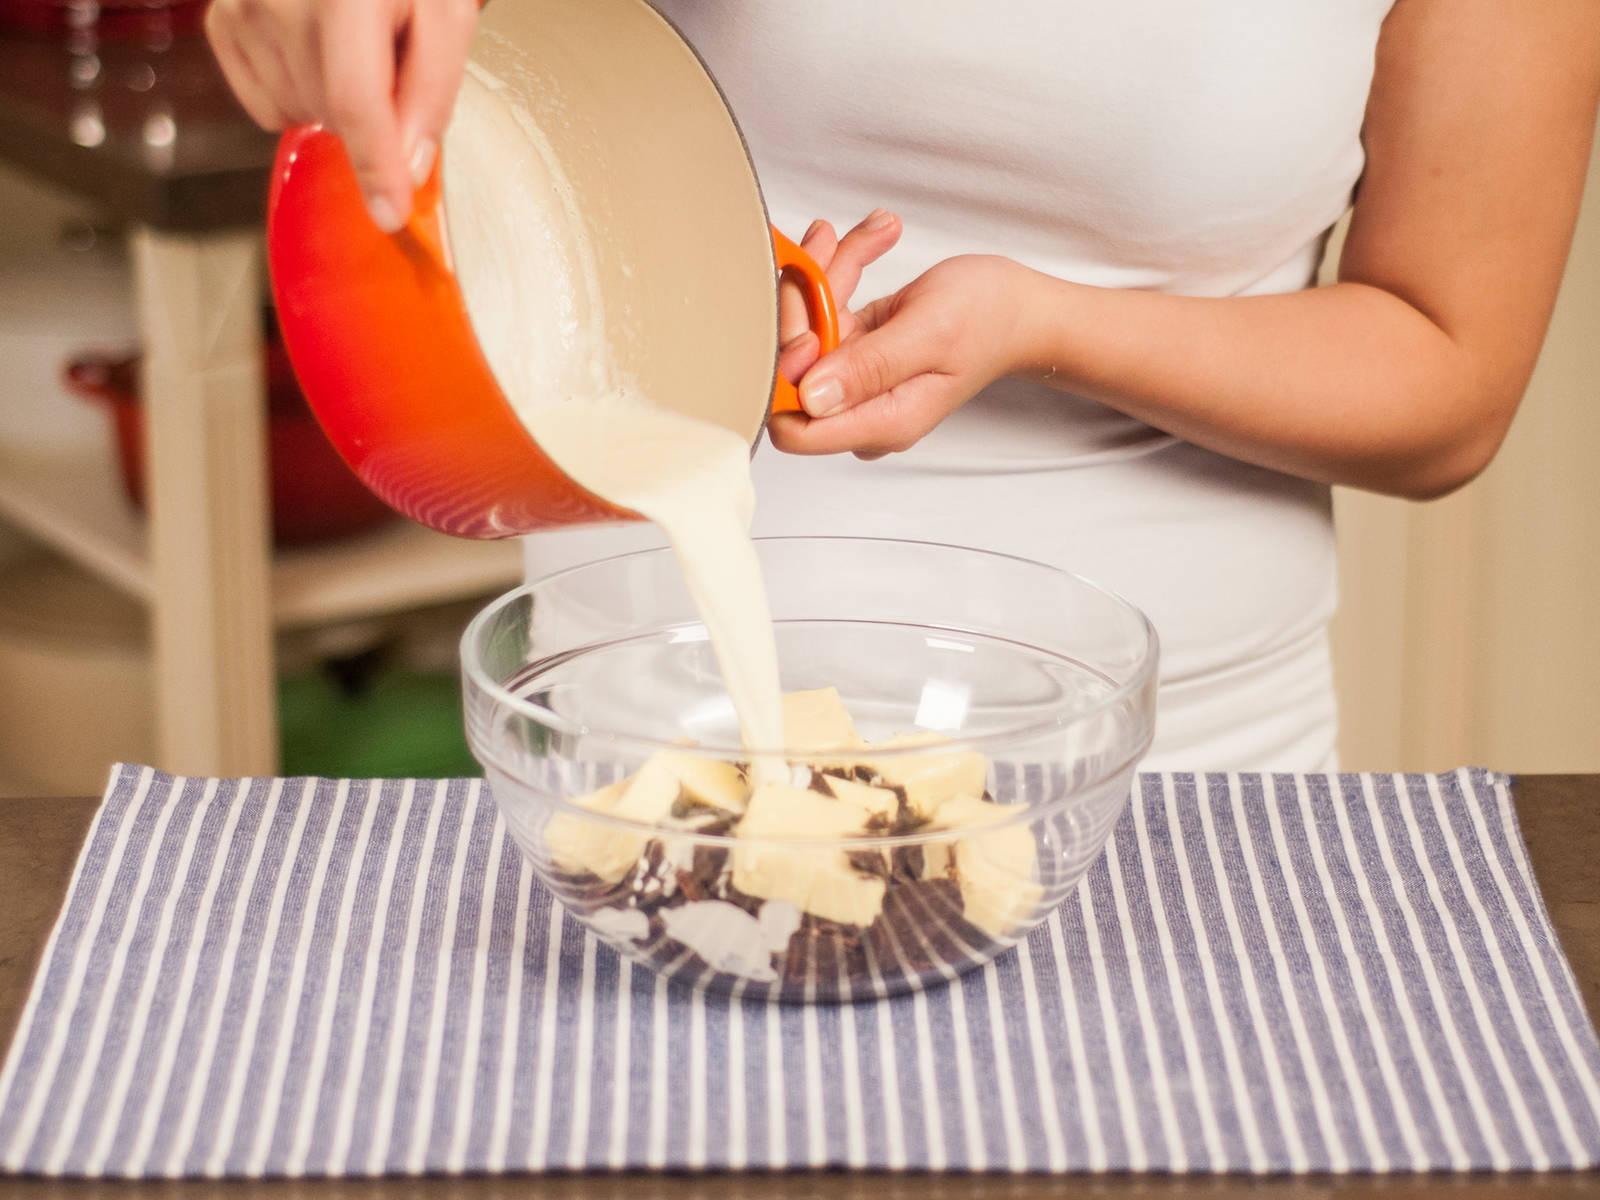 这期间,将巧克力粗略剁碎。将稀奶油倒入锅中加热。将热稀奶油、巧克力和剩余的黄油放入大碗中拌匀,静置冷却8-10分钟左右。